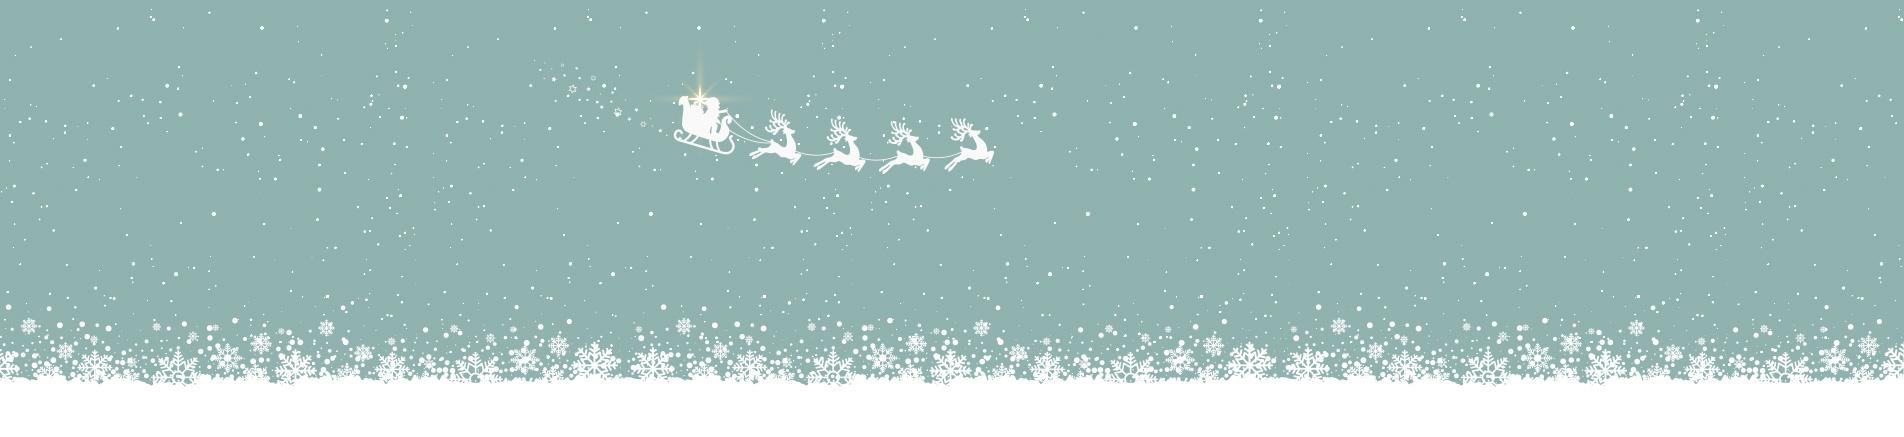 願聖誕的歡樂和溫馨,帶給您無邊的幸福